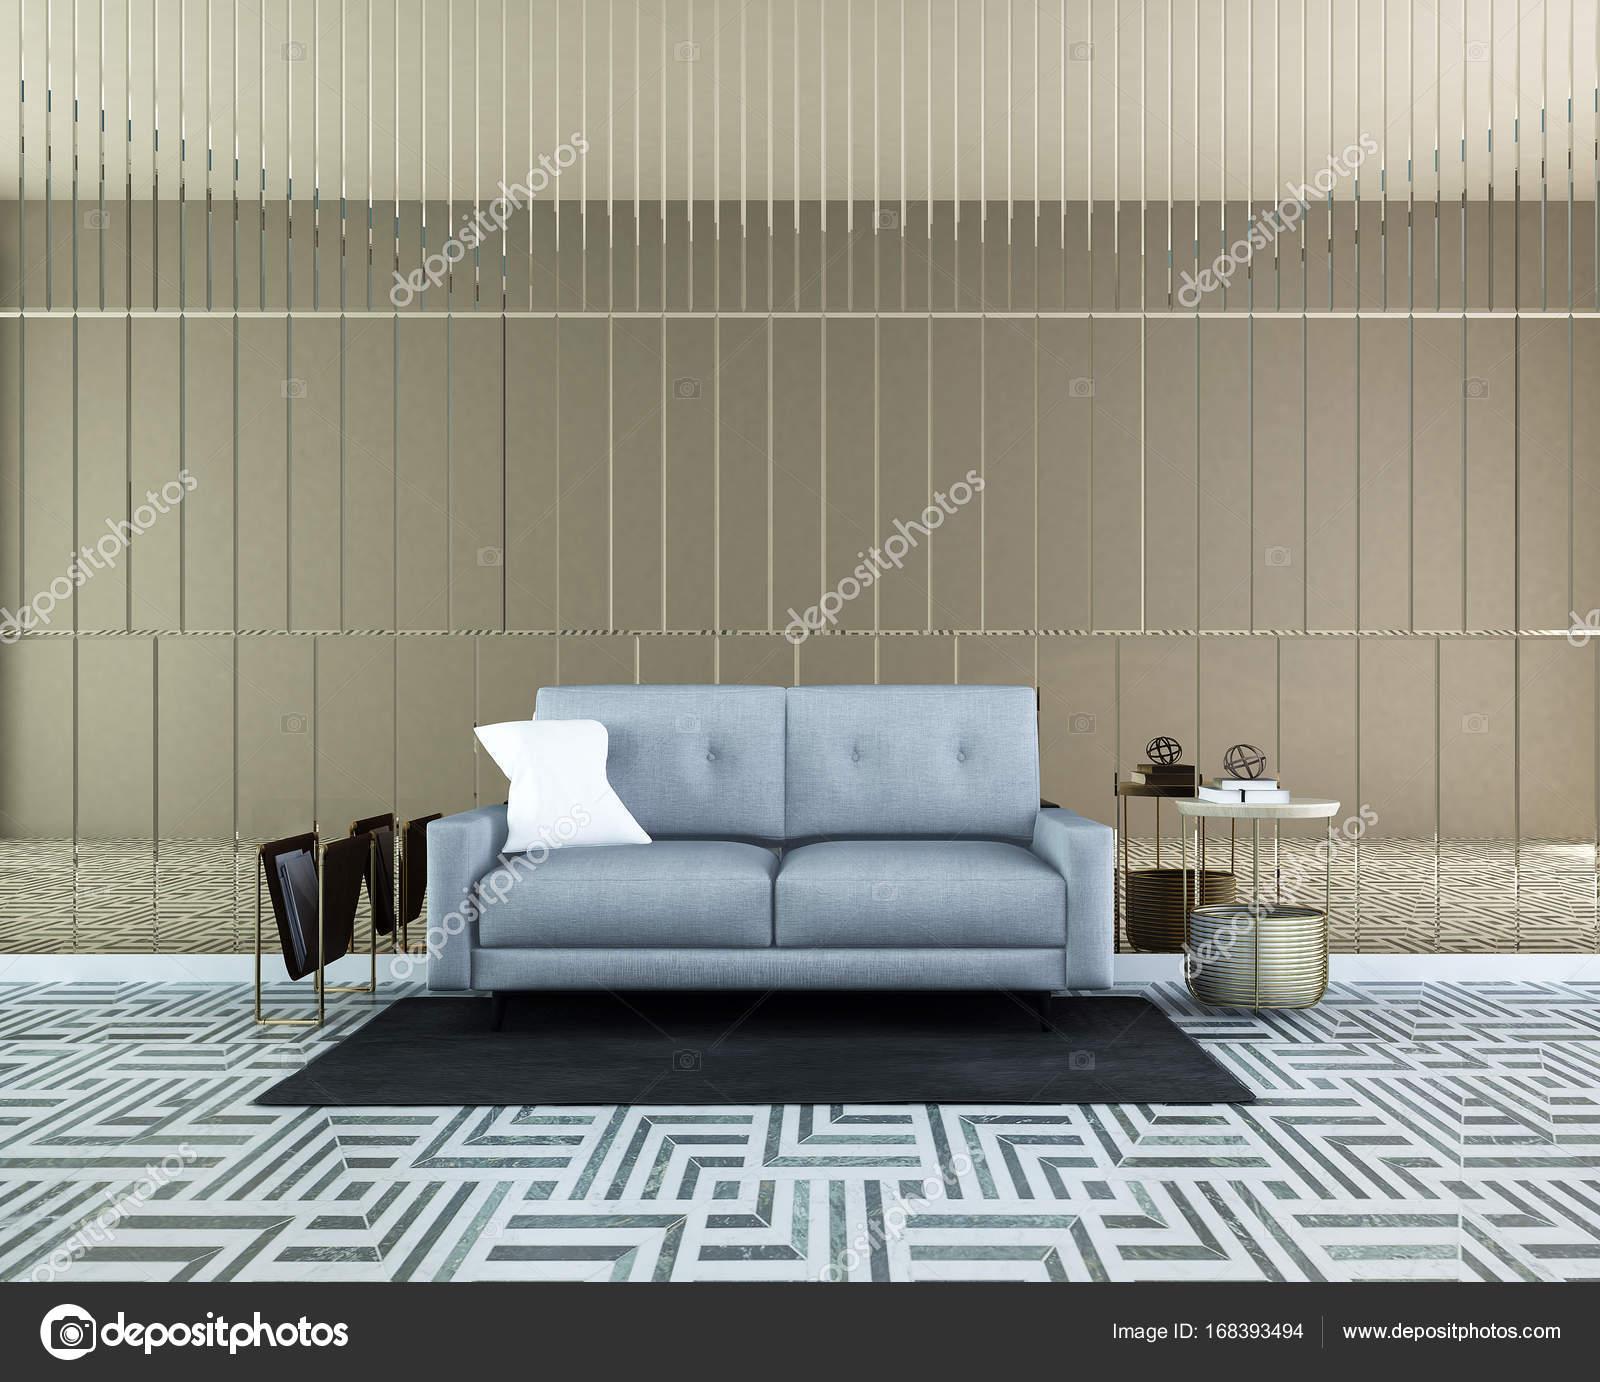 Innenarchitektur Konzeptidee des Luxus Wohn- und Wand-Muster ...